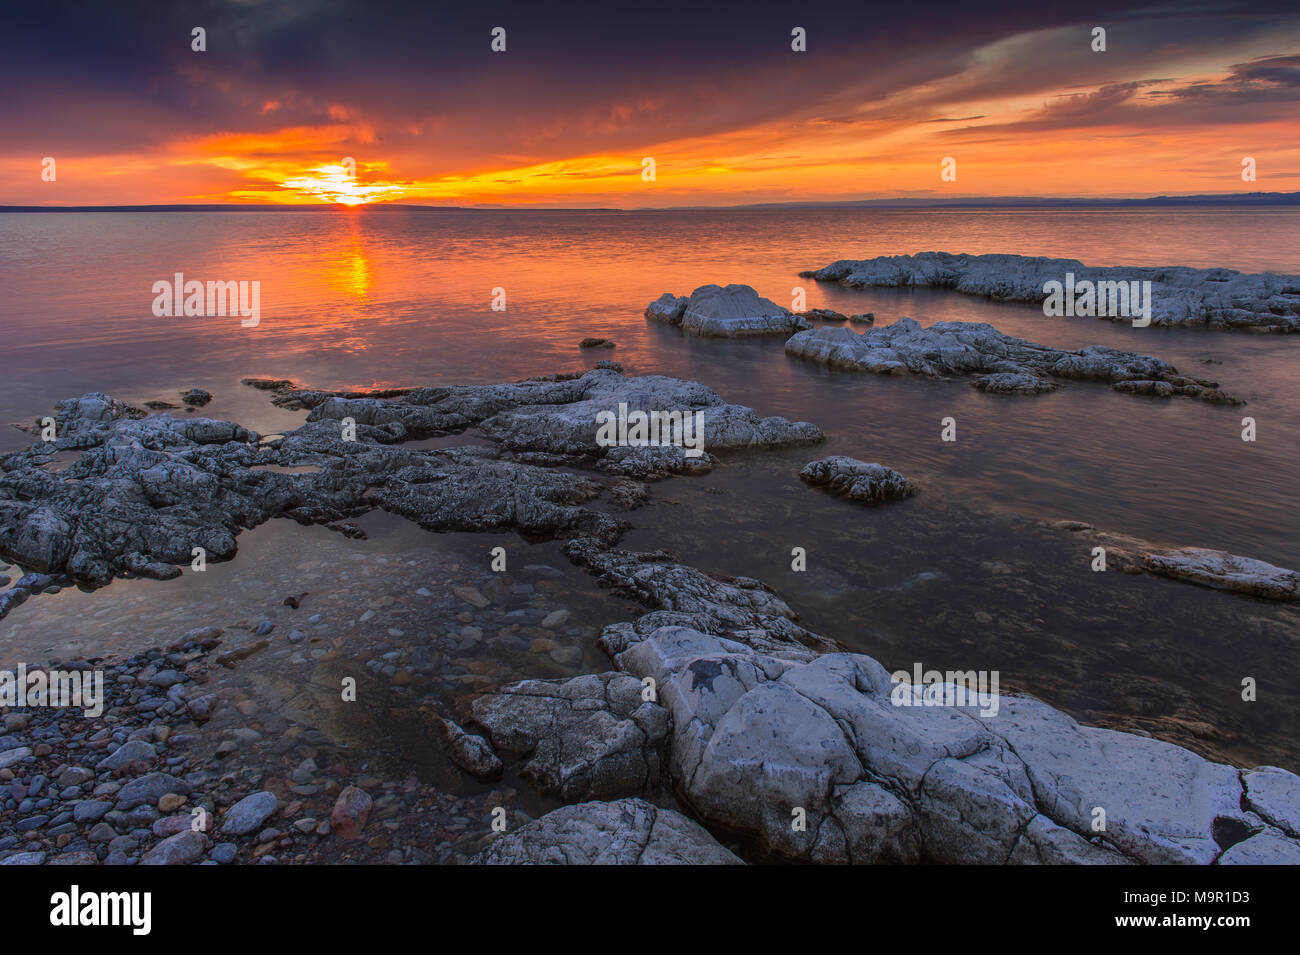 Sunset over Khyargas lake, Mongolia - Stock Image